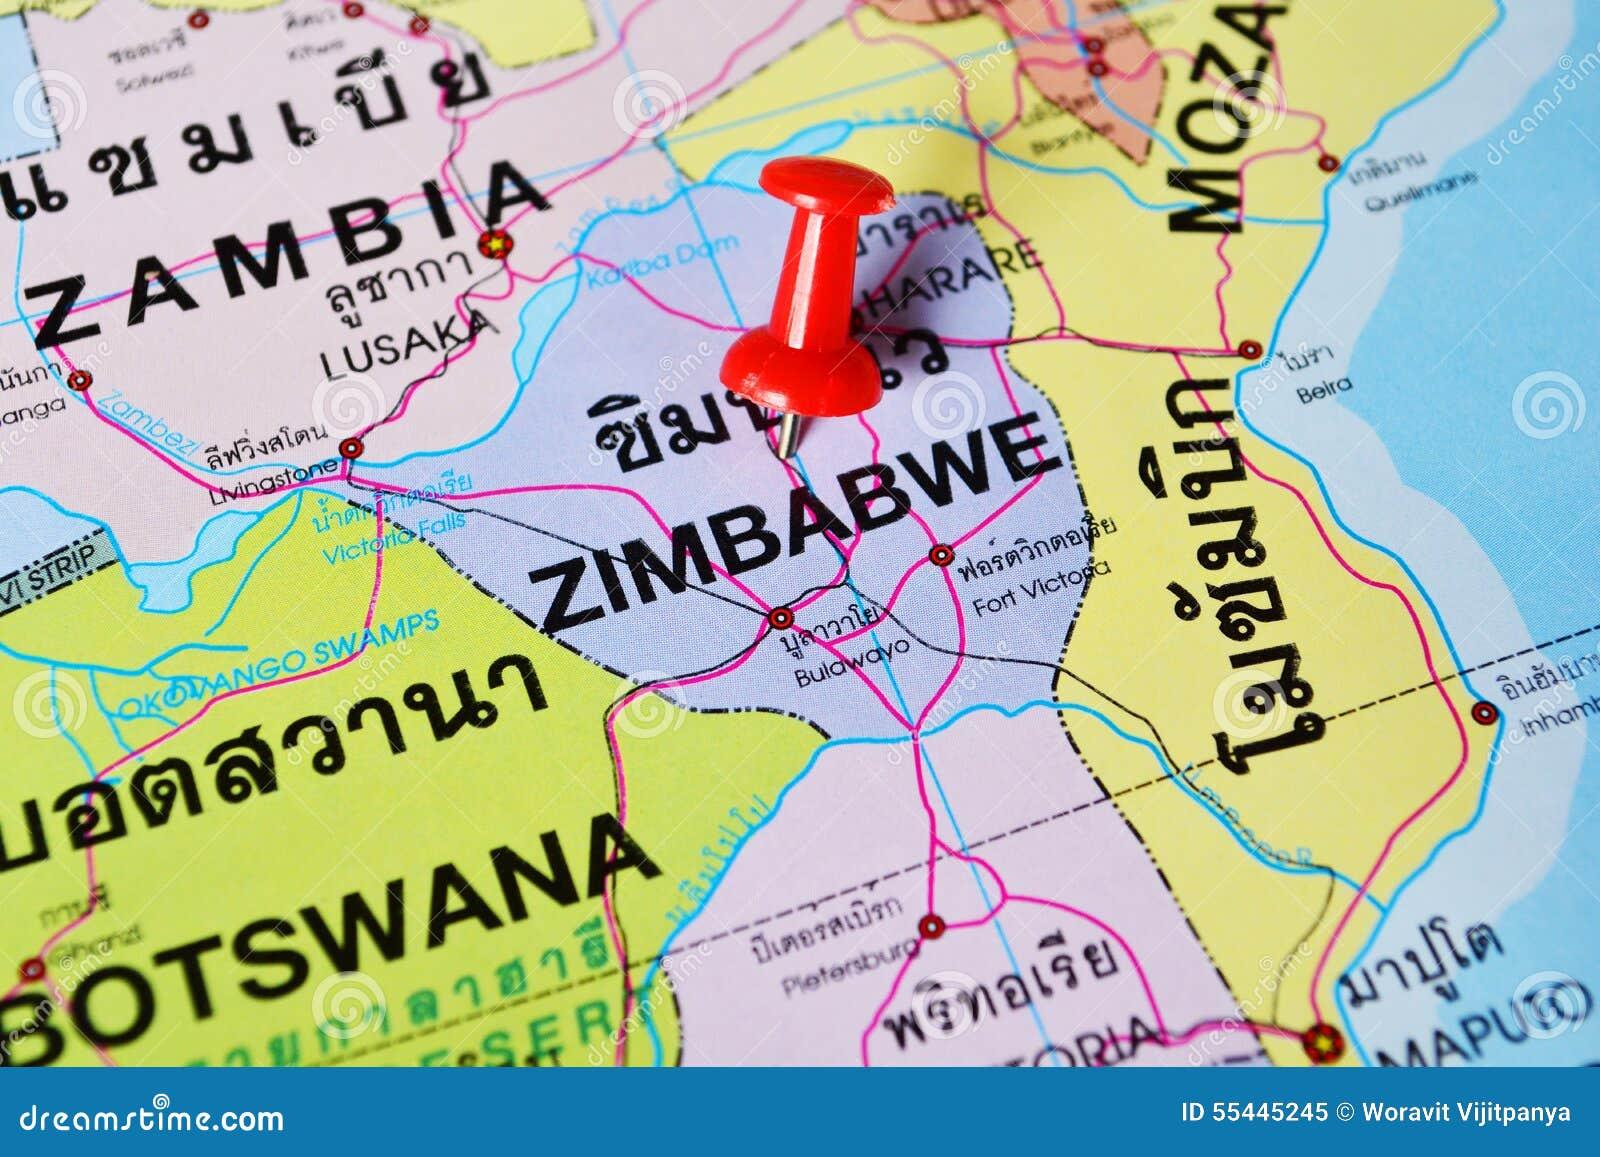 Zimbabwe map stock image. Image of journey, paper, road - 55445245